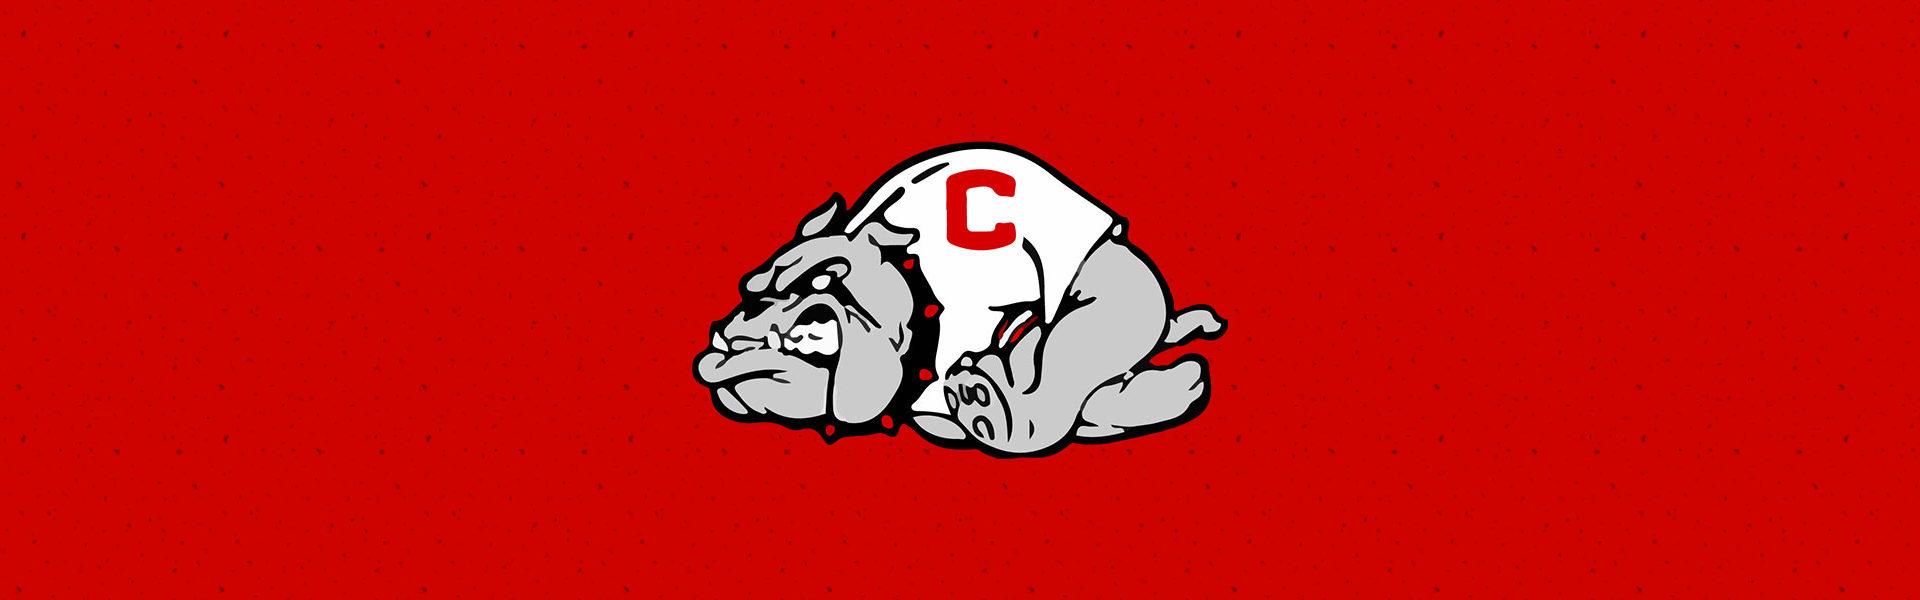 crestview high school bulldogs banner